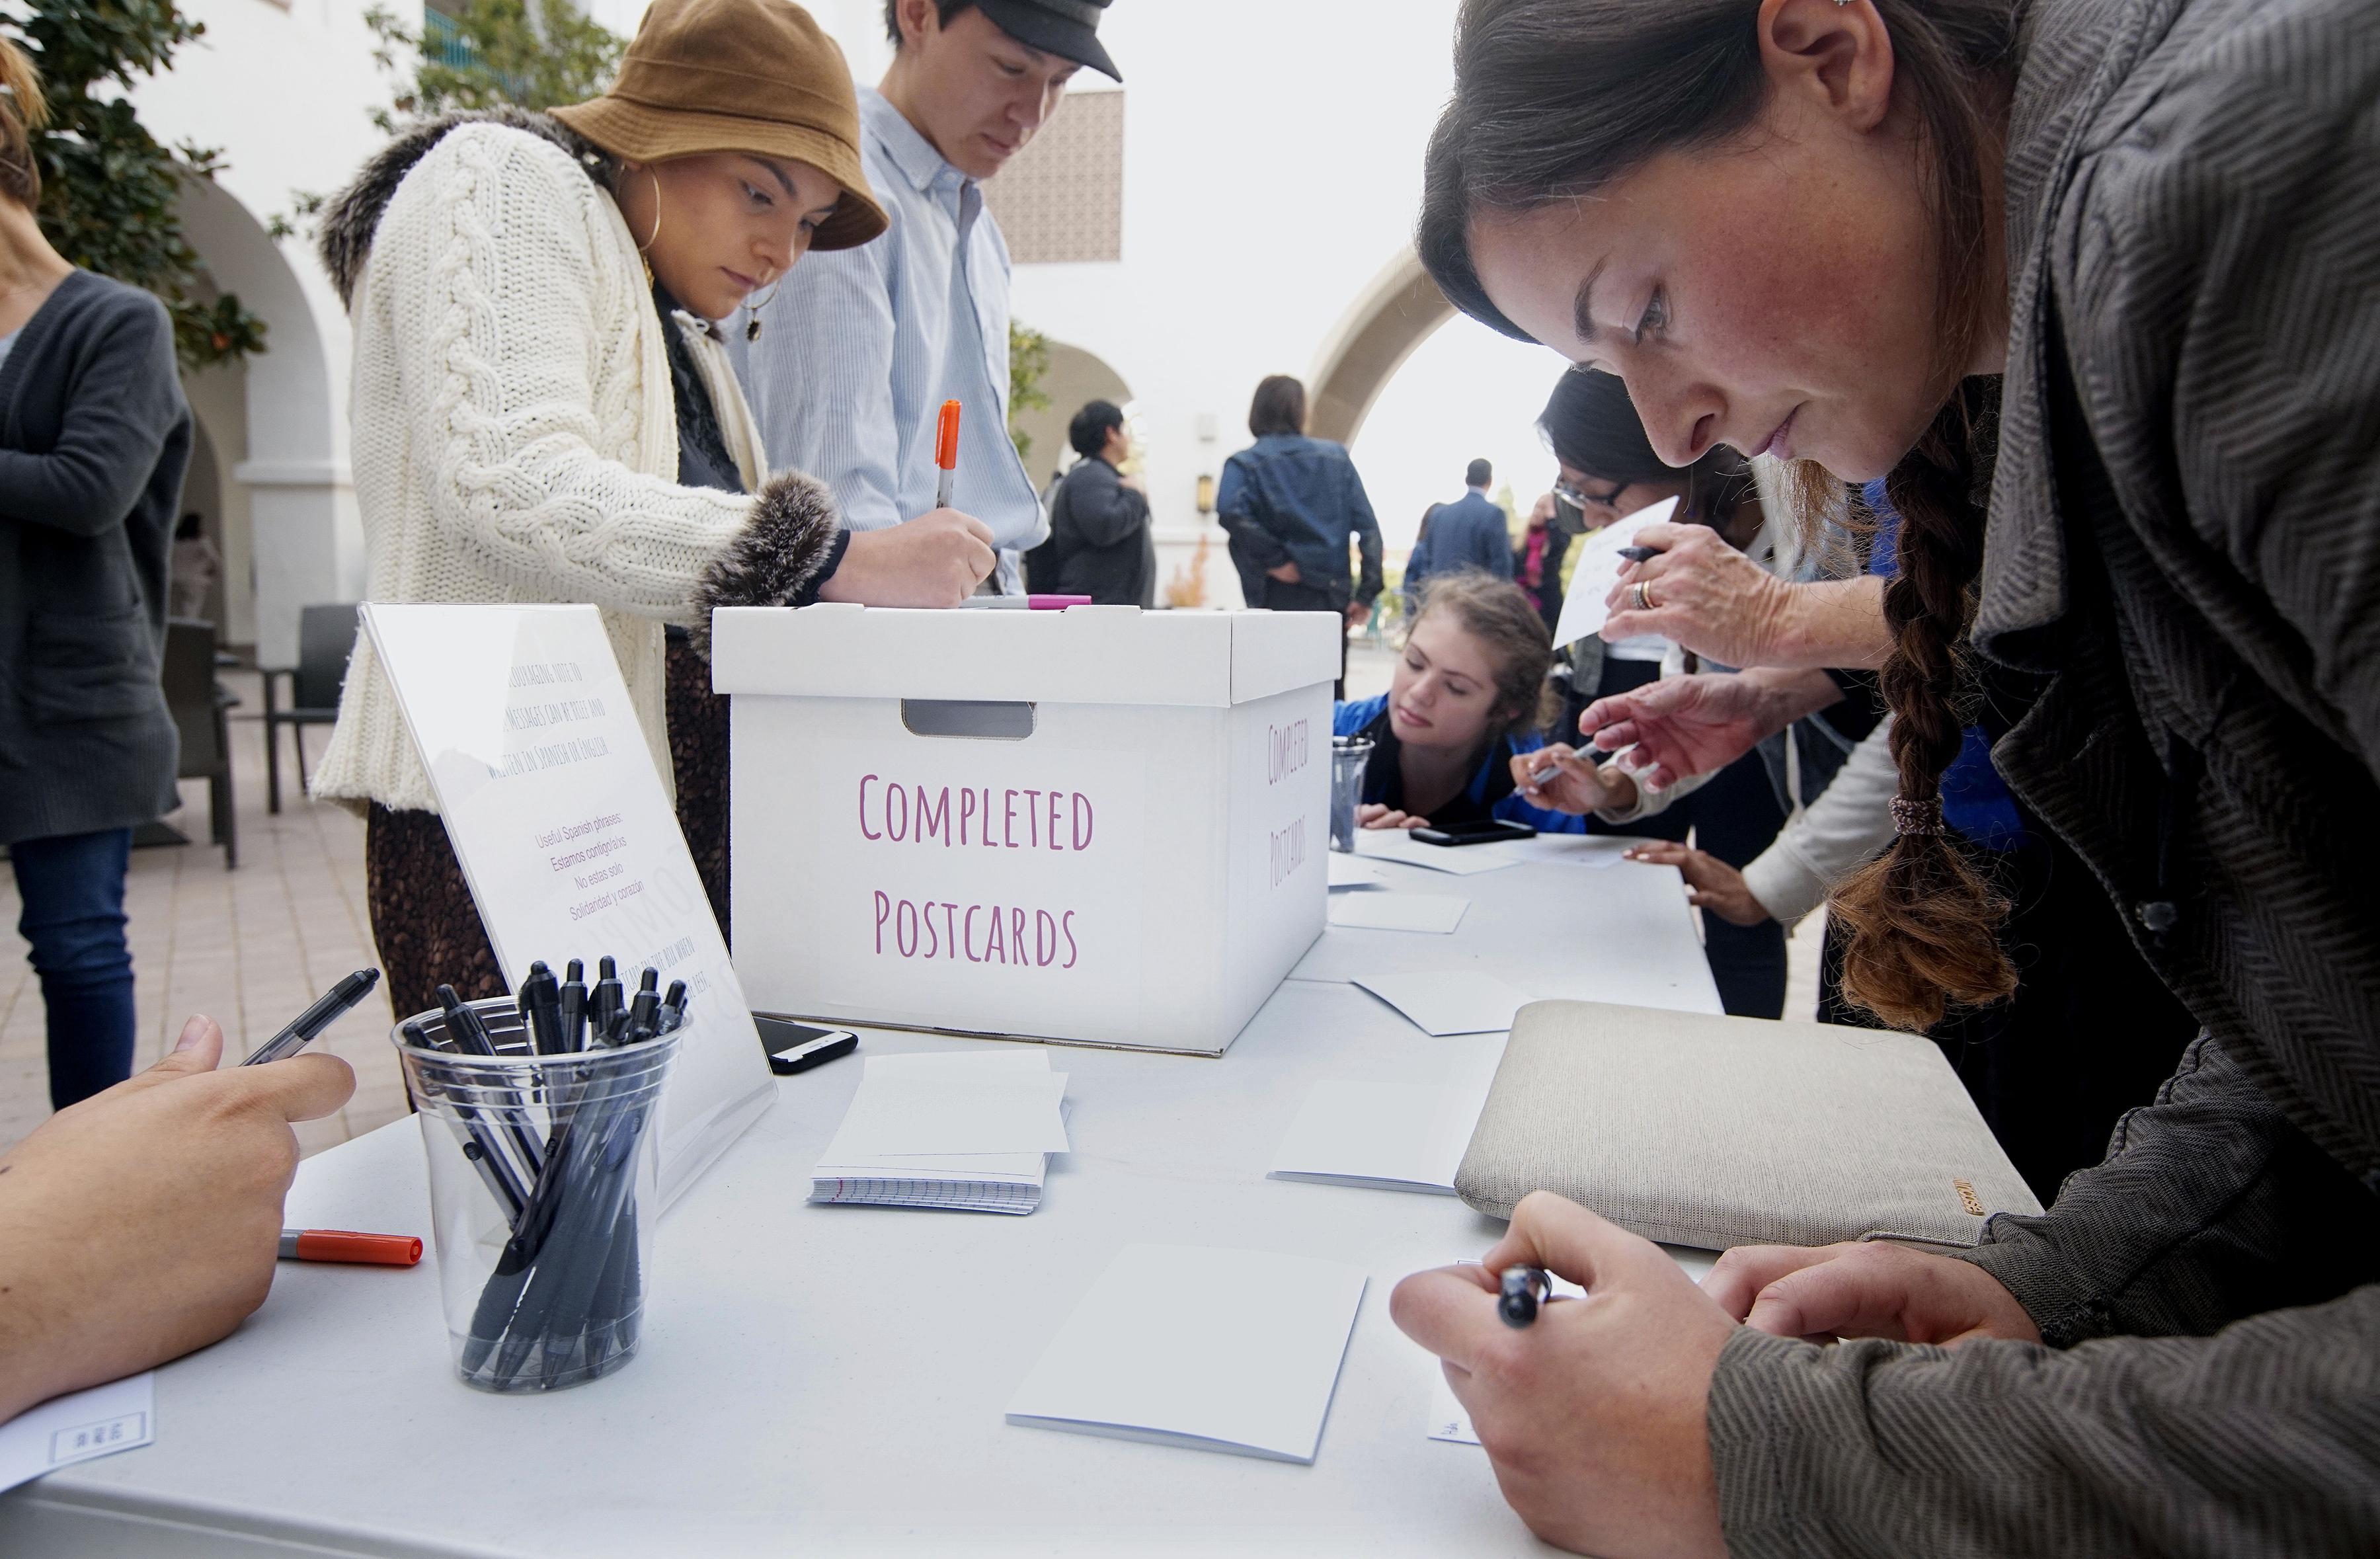 Un grupo de personas en la Universidad de San Diego escribe cartas a los migrantes. (Sandy Huffaker/The New York Times)